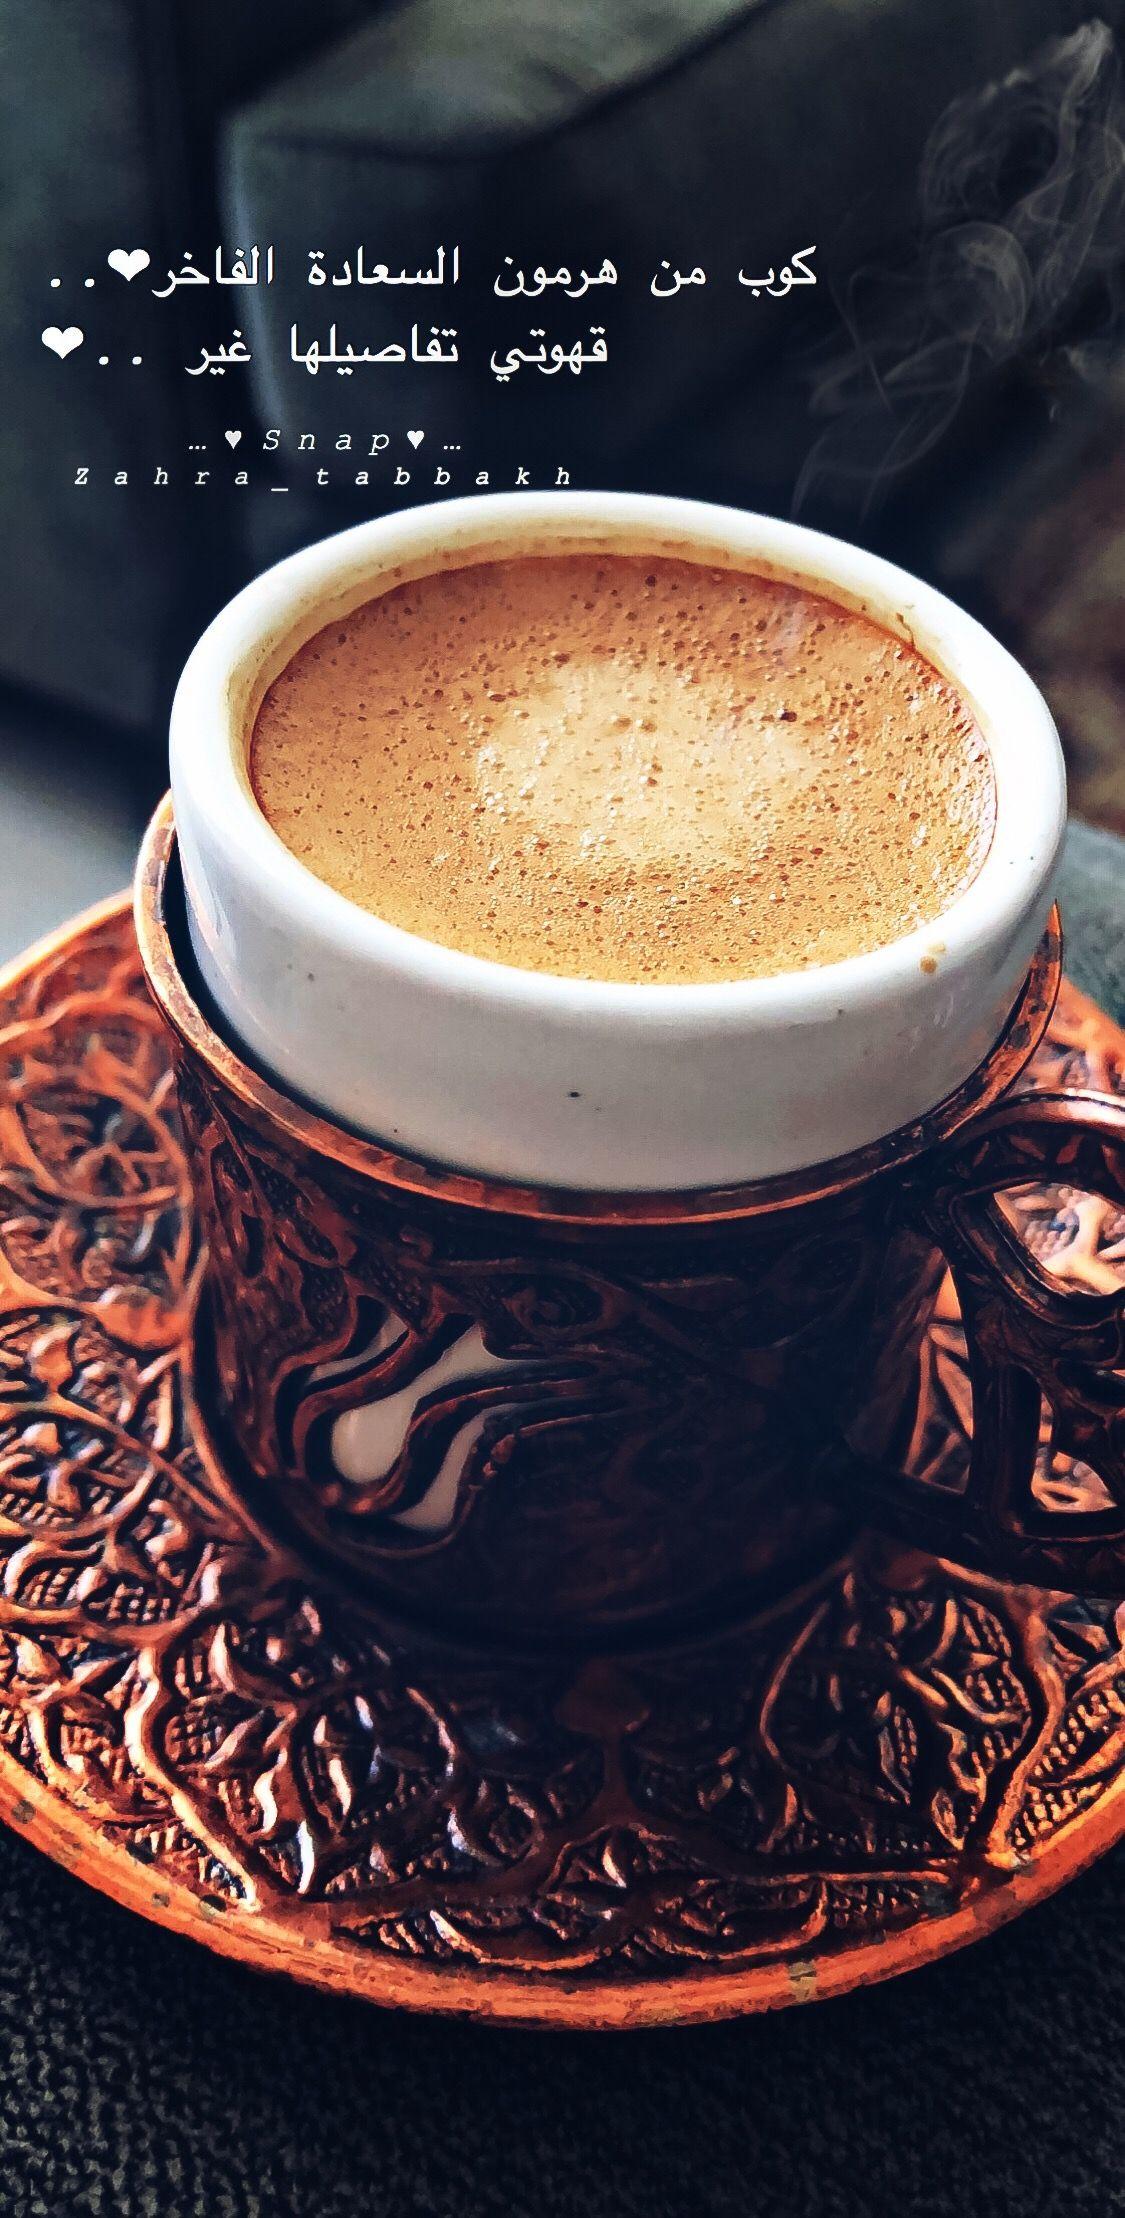 قهوتي قهوة صباحالخير صباحالورد سنابات اقتباسات بيسيات دعاء جمعةمباركة جمعة صباحات صباح سنابي سناب Coffee Breakfast Coffee Quotes Coffee Love